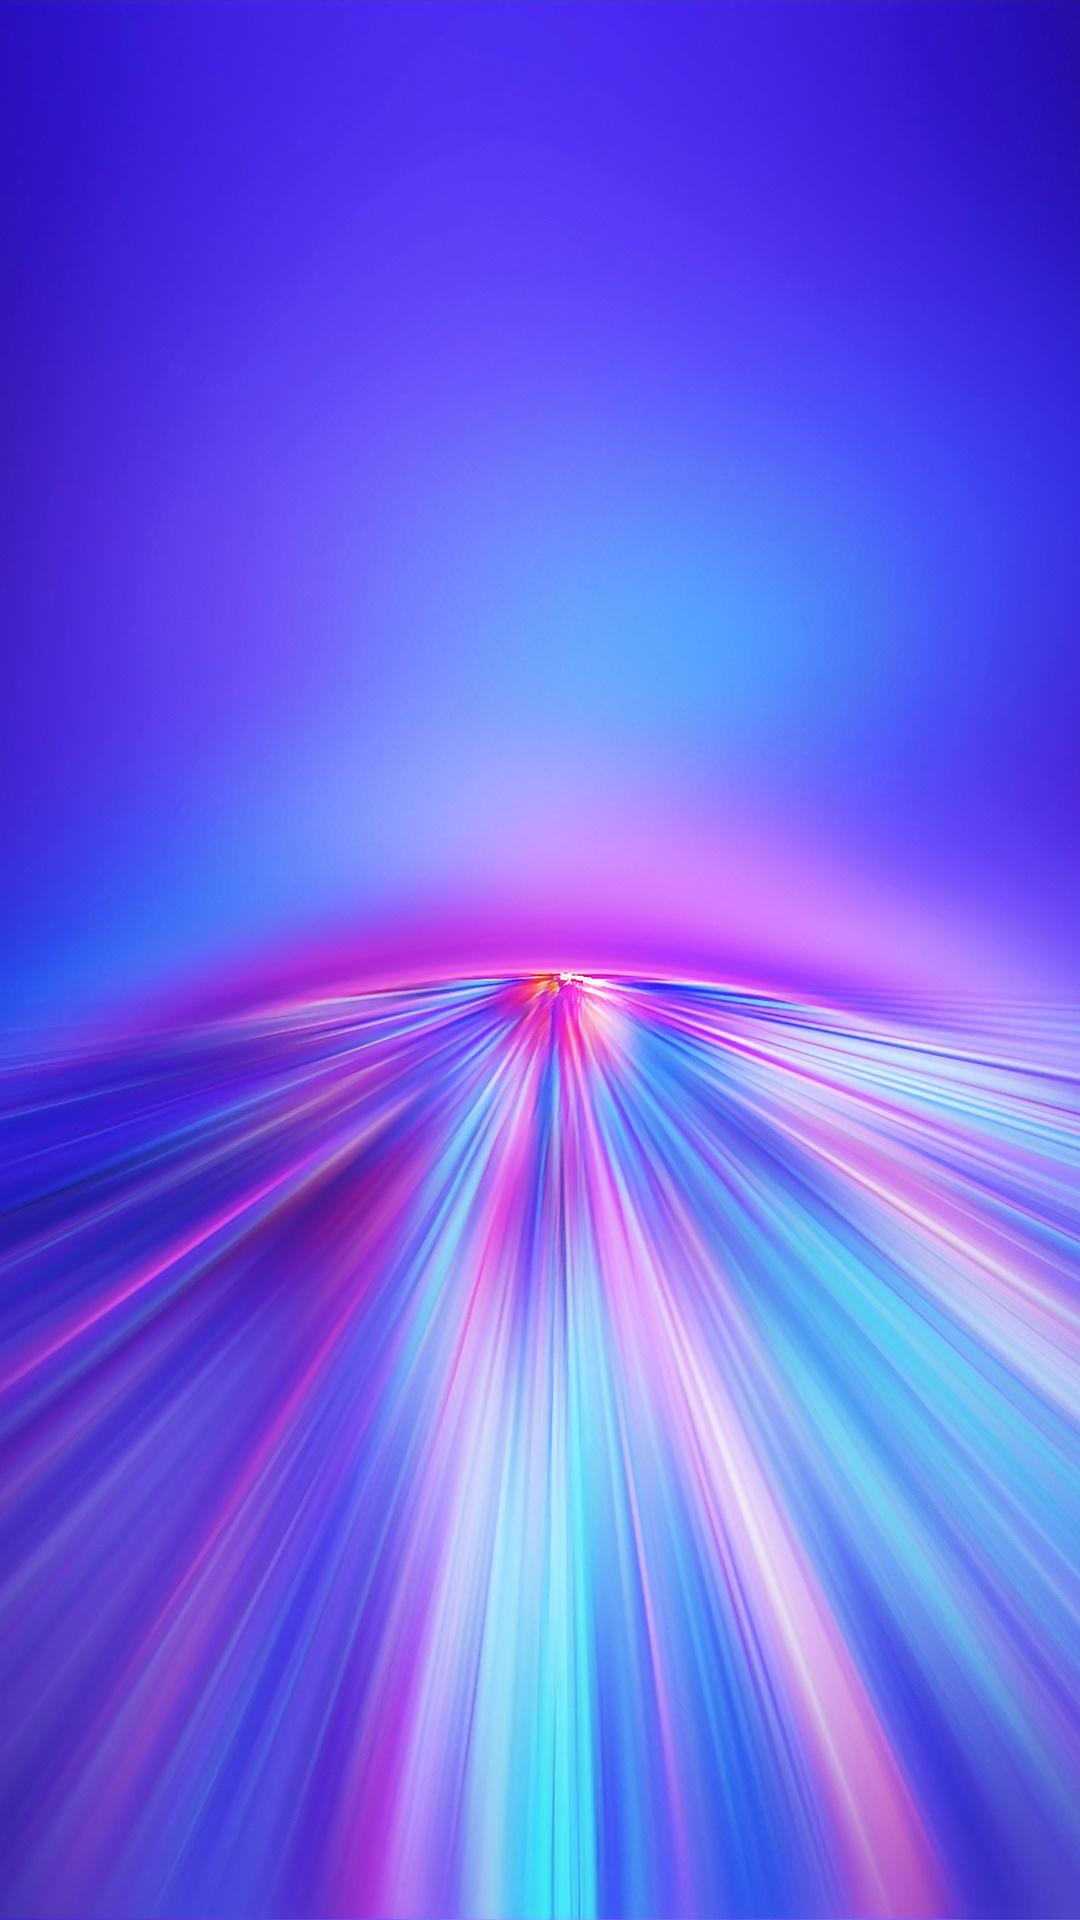 1080x1920 Gradient Lines Pink 4k Iphone 7,6s,6 Plus, Pixel ...